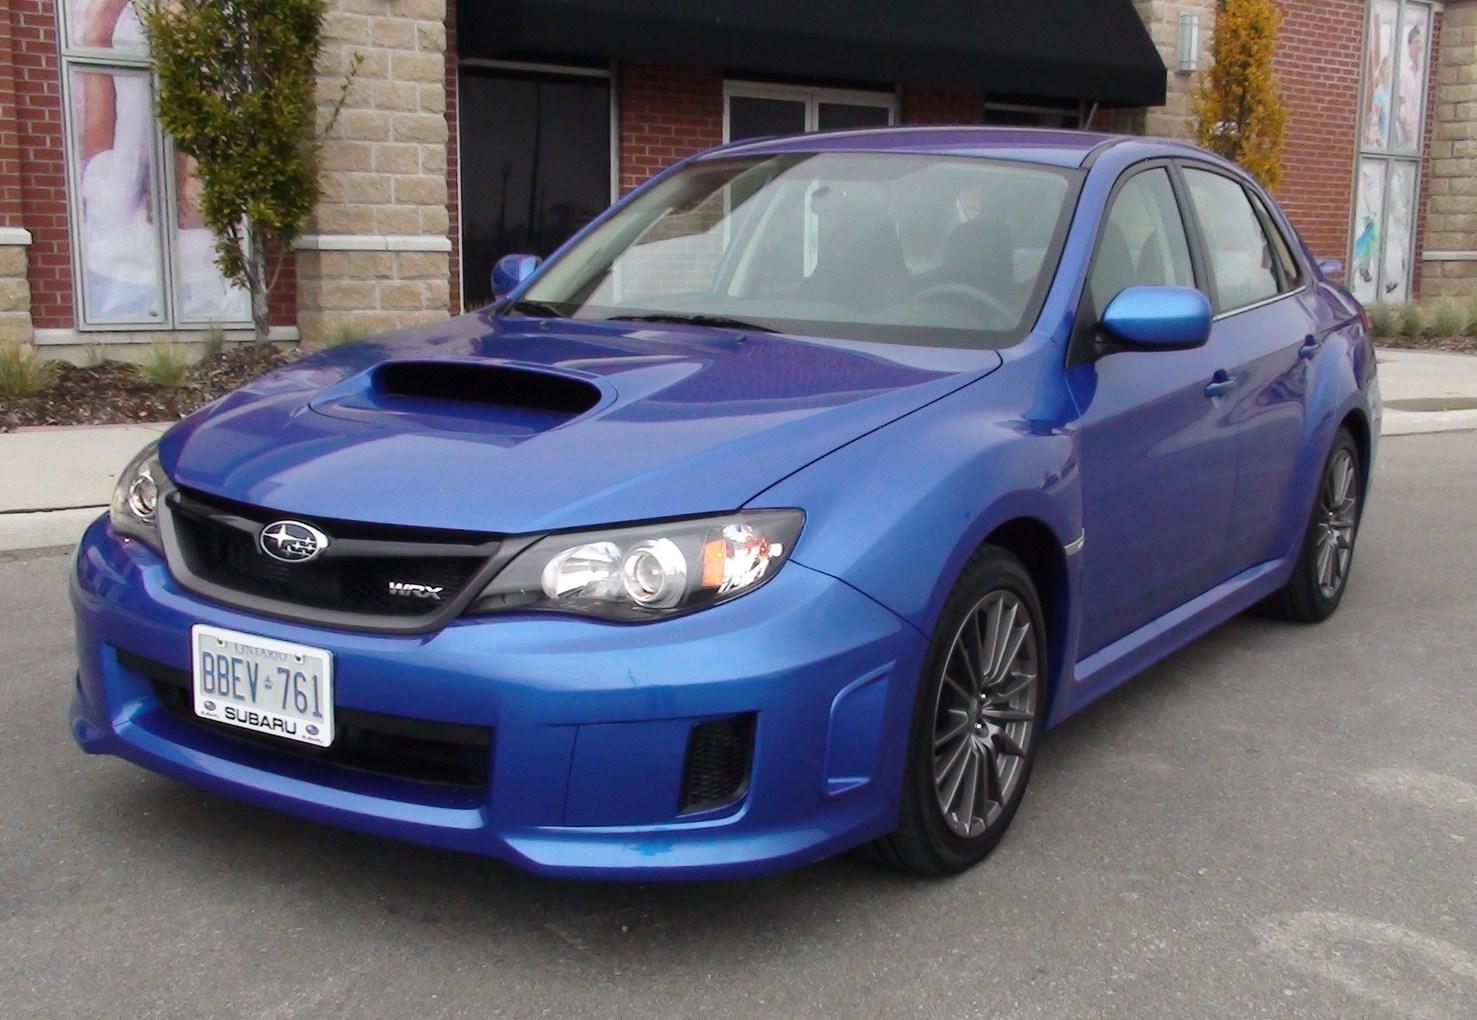 Subaru manual download al camus blog subaru manual download fandeluxe Gallery